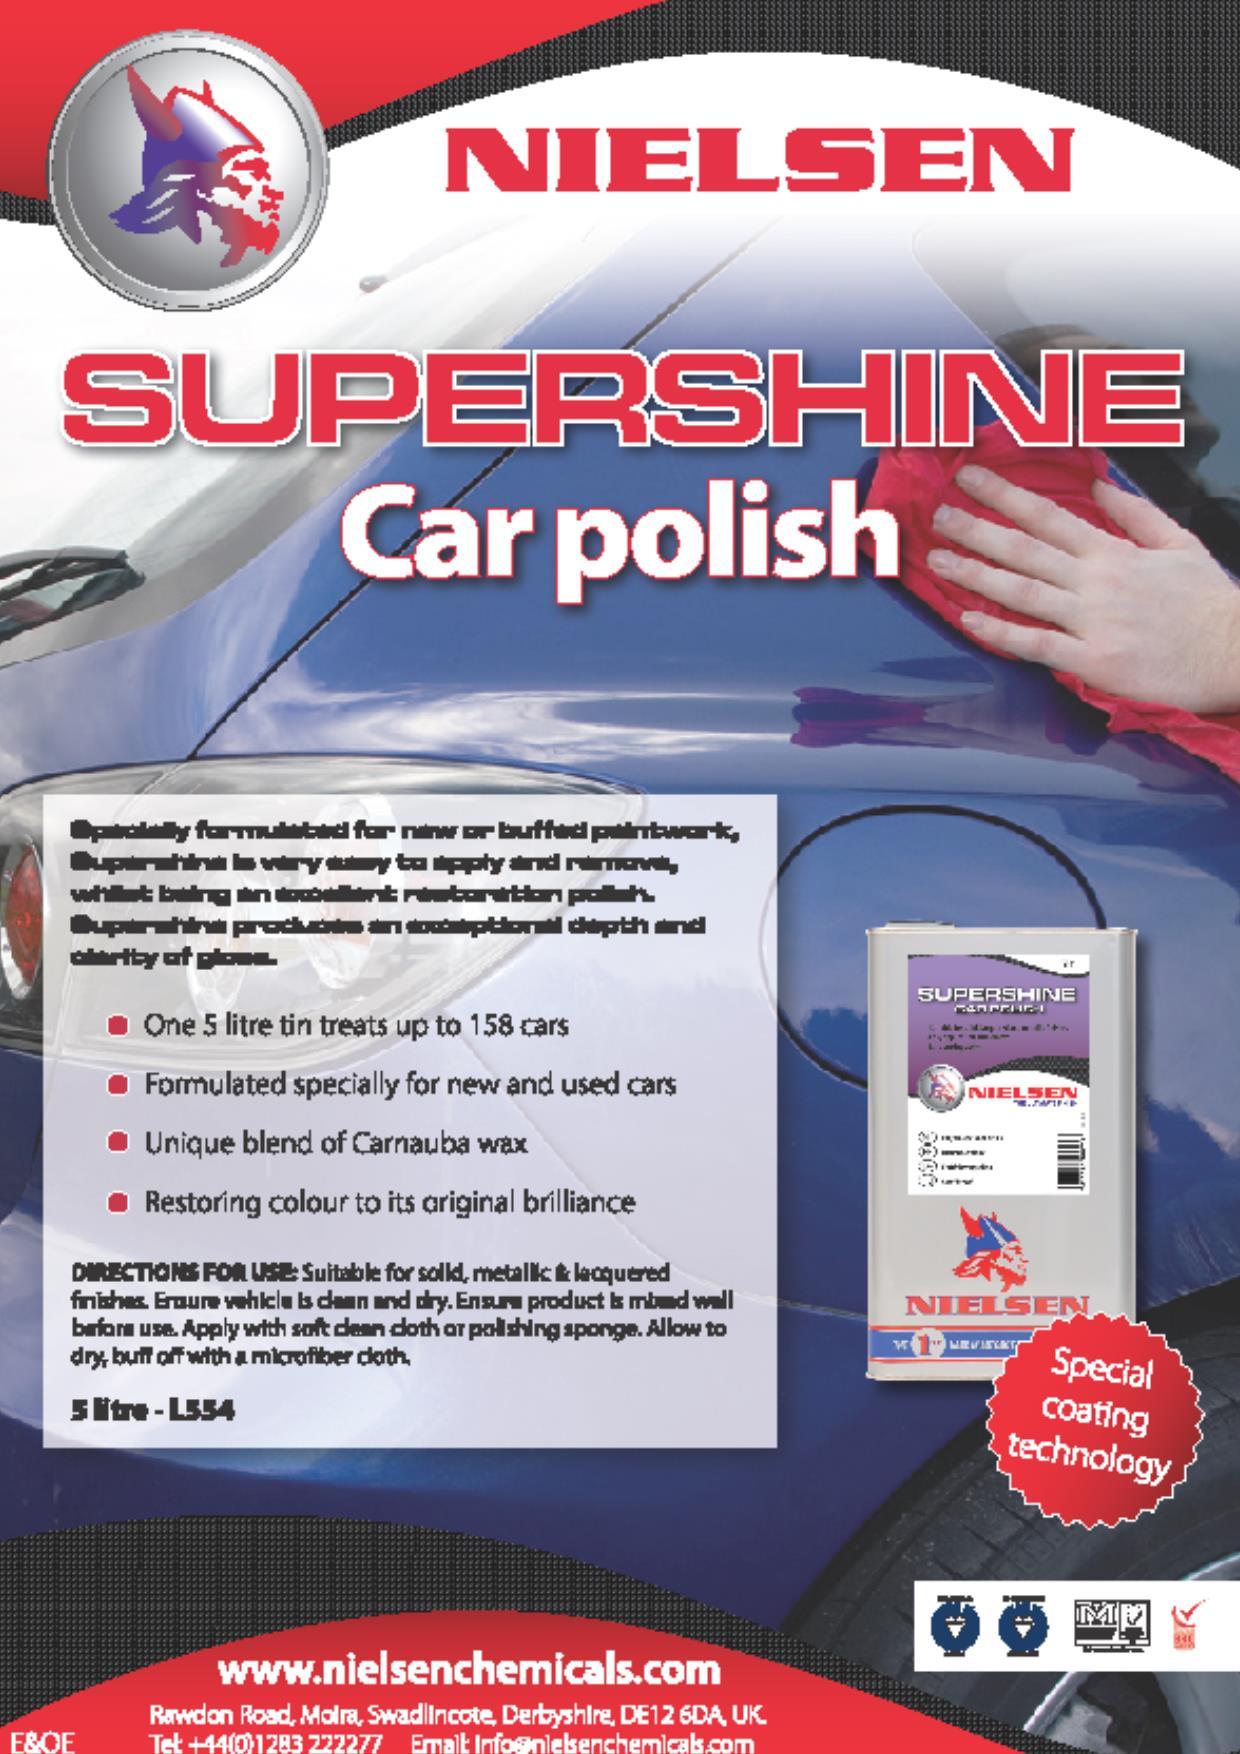 Nielsens Supershine Car Polish